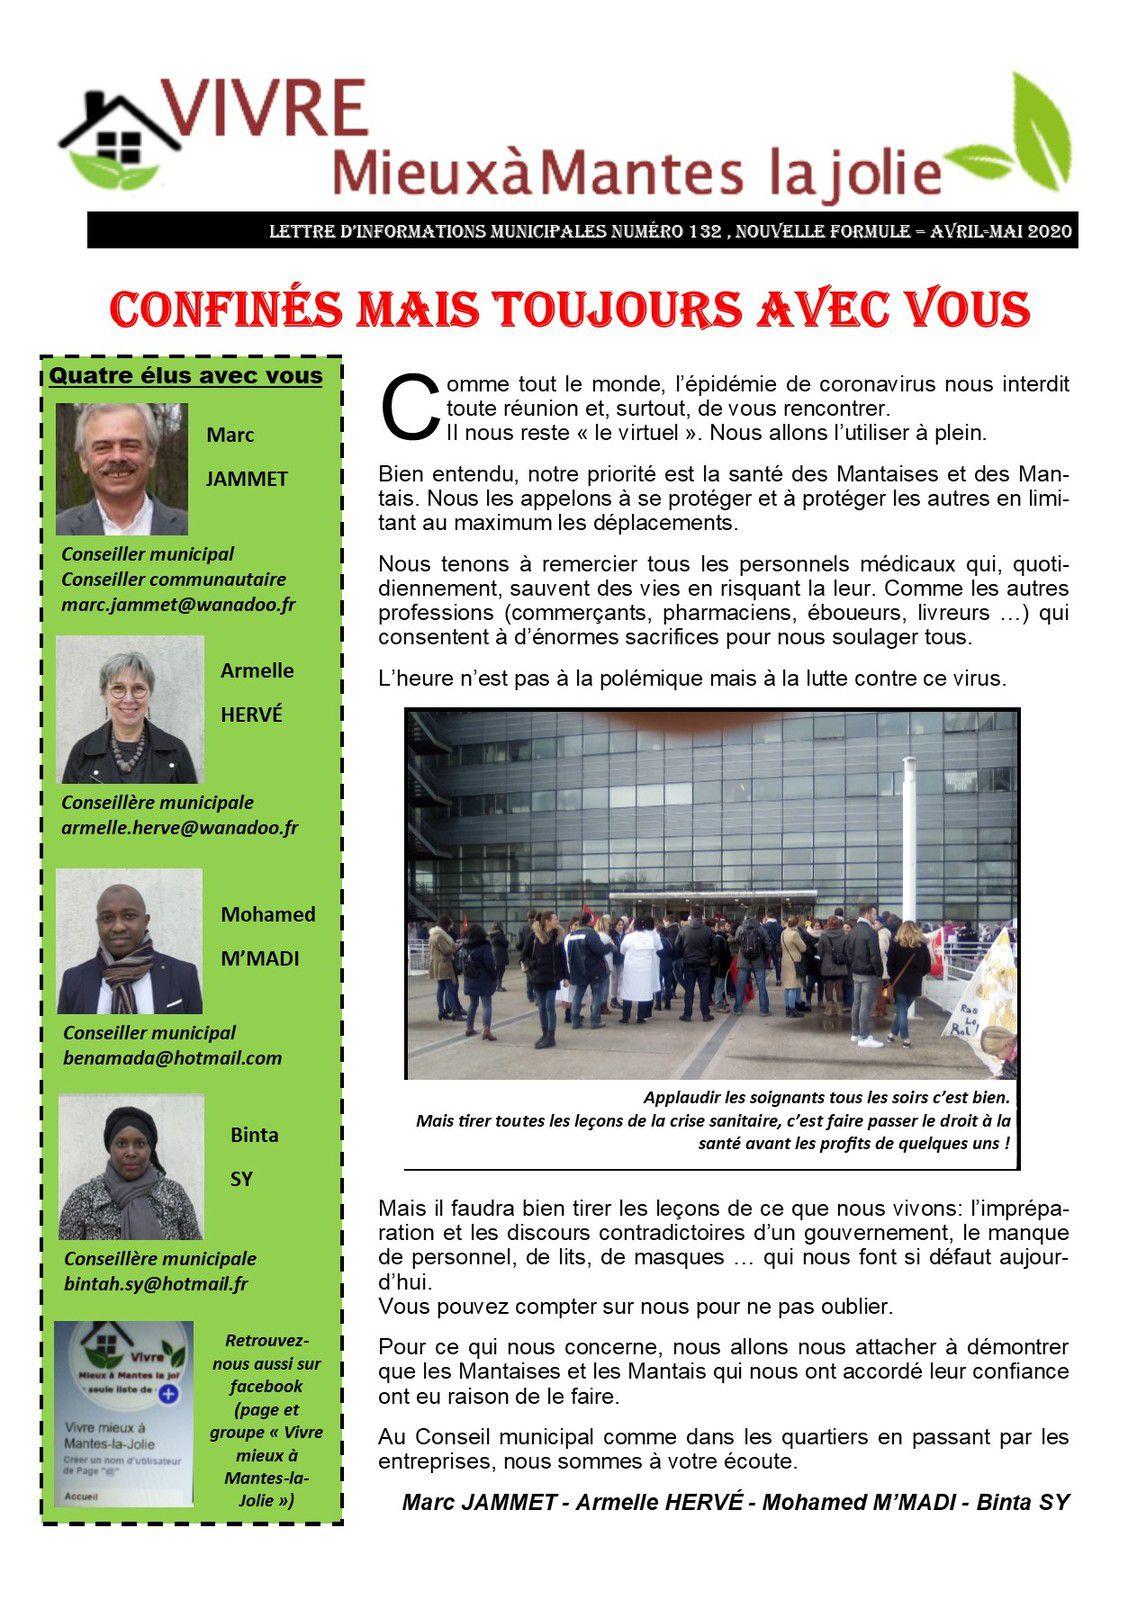 Vivre mieux à Mantes-la-Jolie. Premier bulletin d'information de ses quatre élus